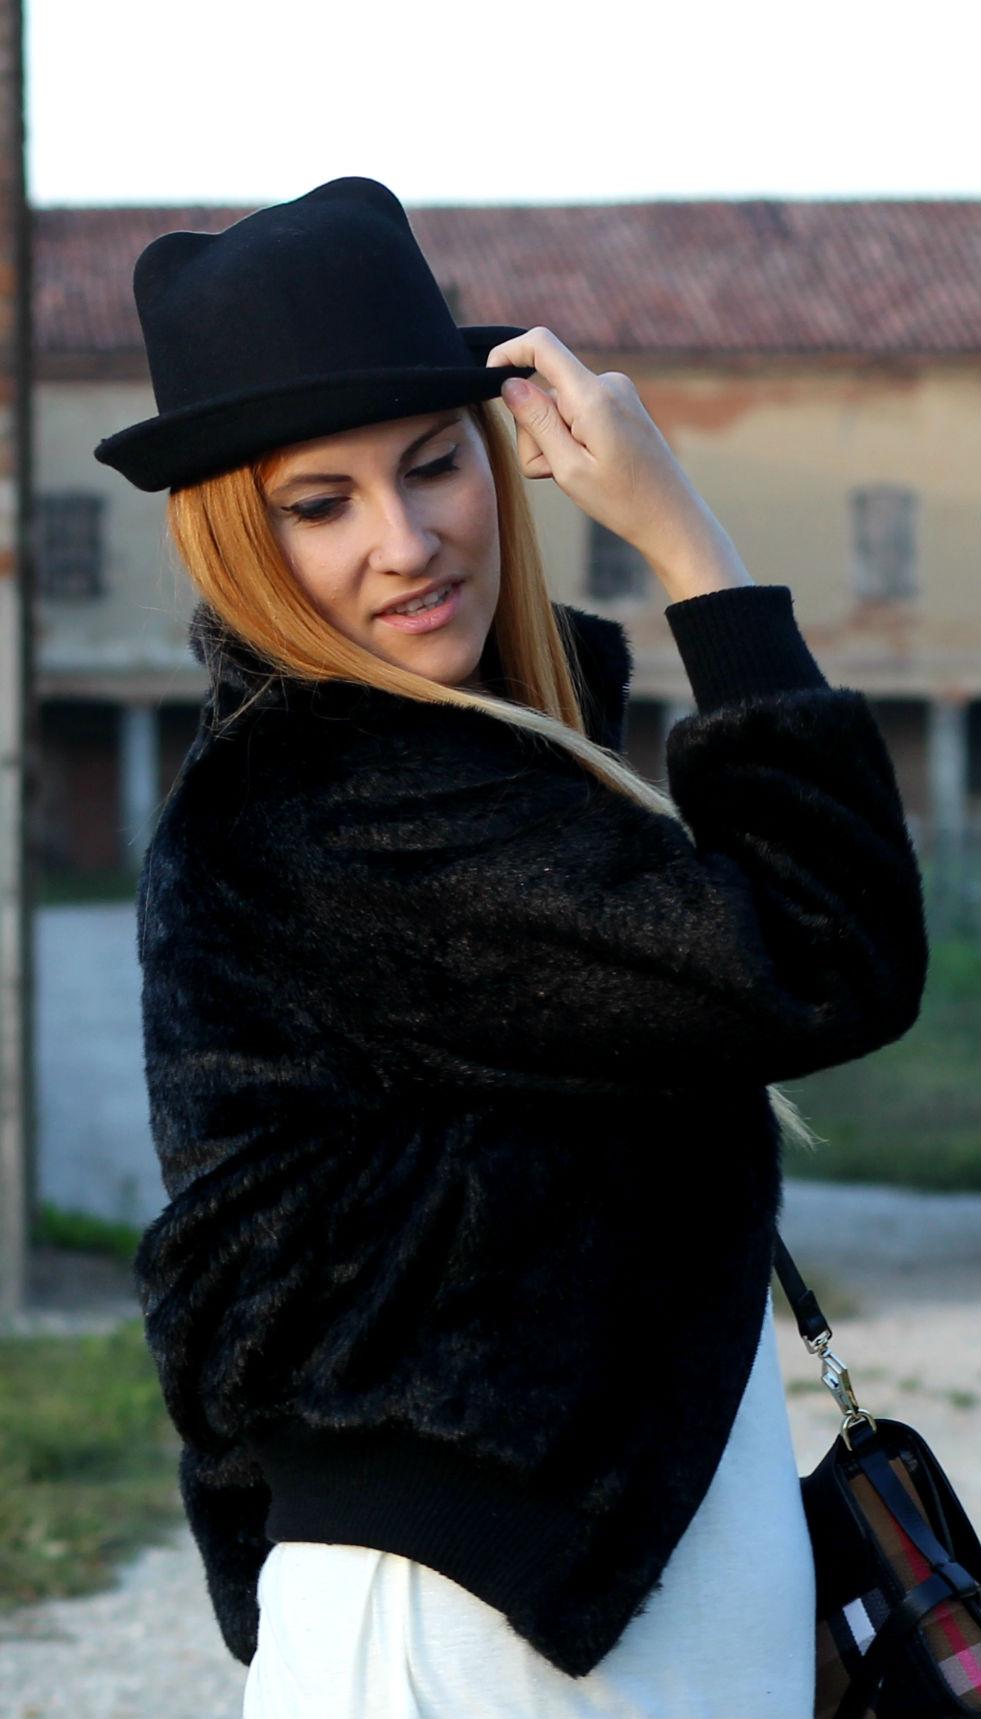 elisabetta bertolini - top fashion blogger - tendenze cappelli - cappelli con orecchie gatto